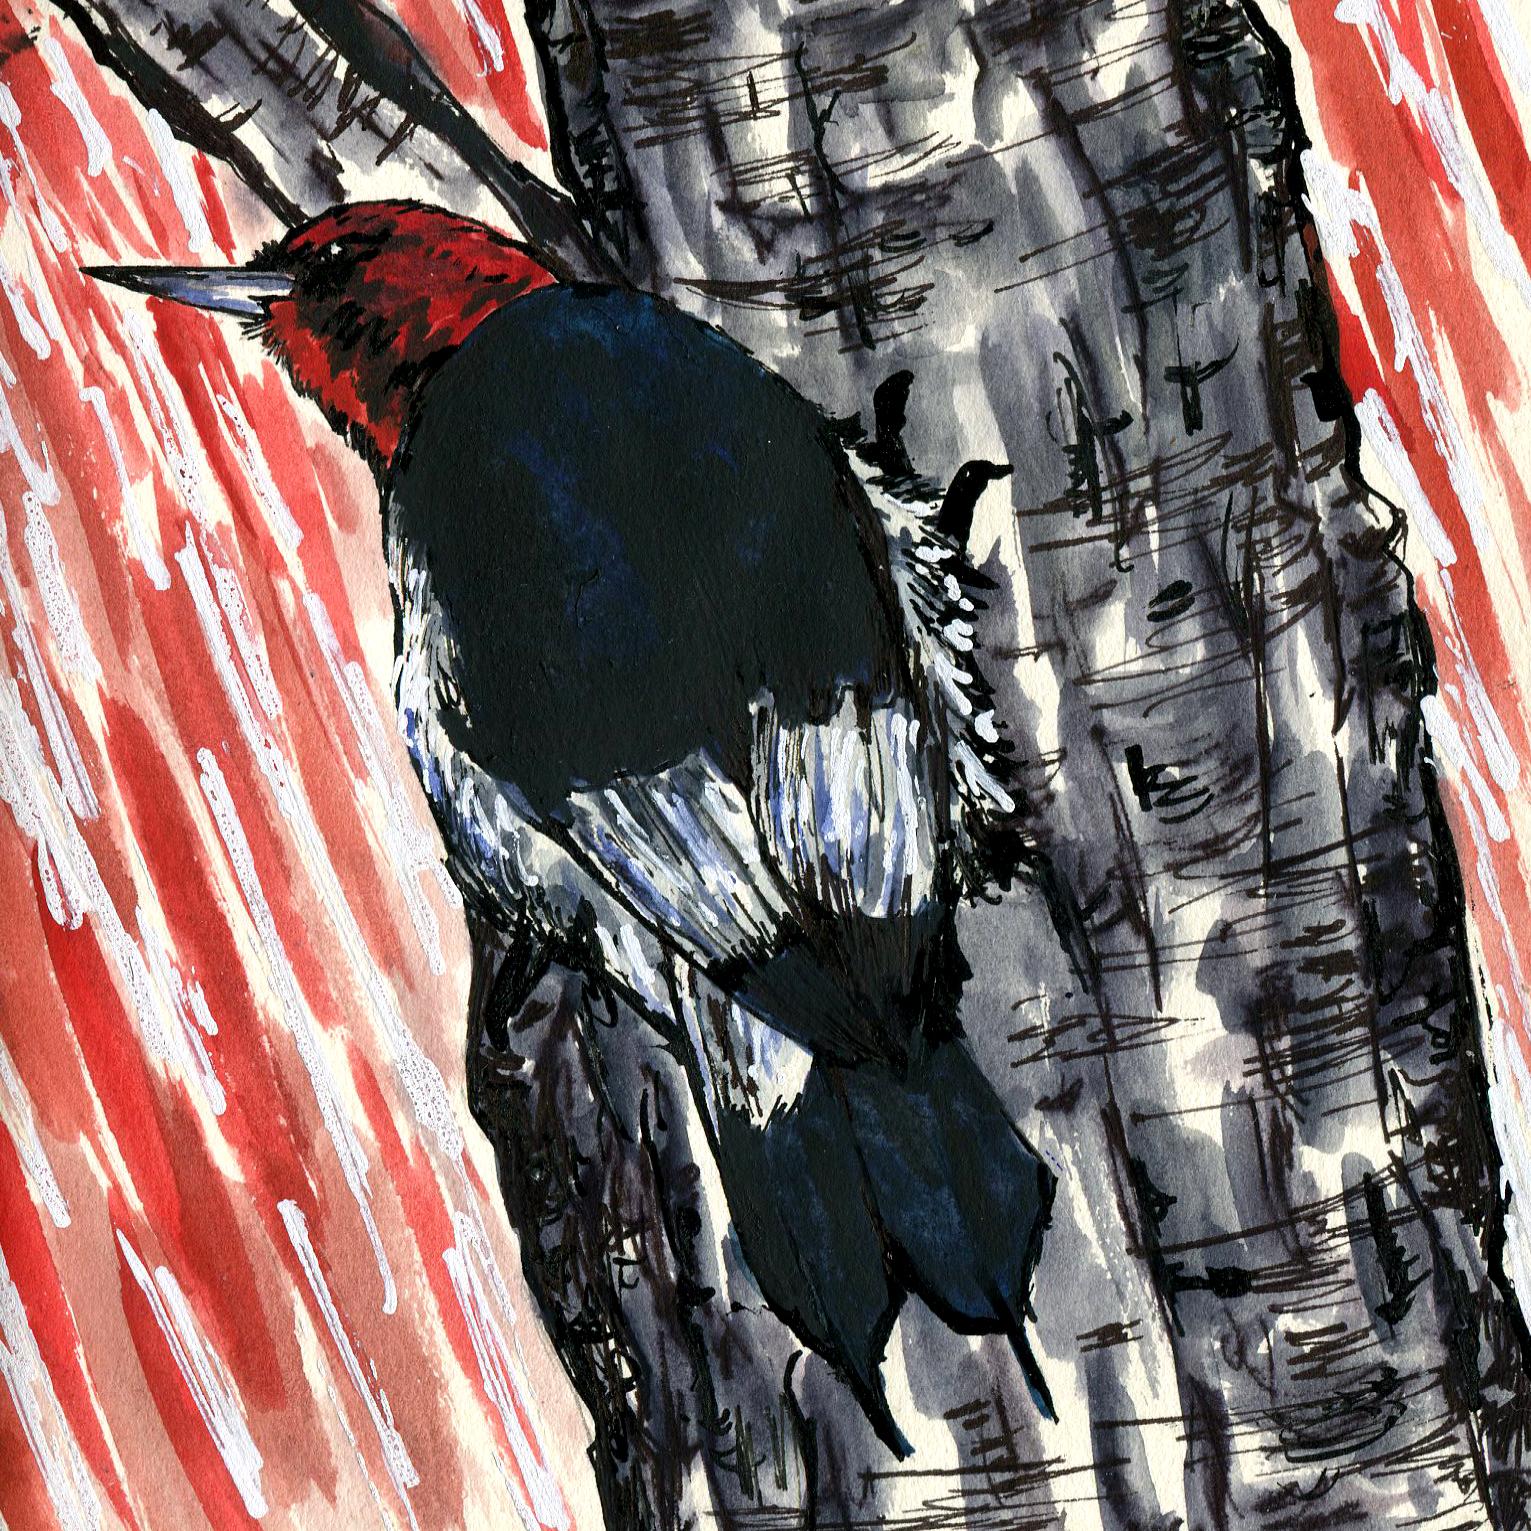 220. Red-headed Woodpecker